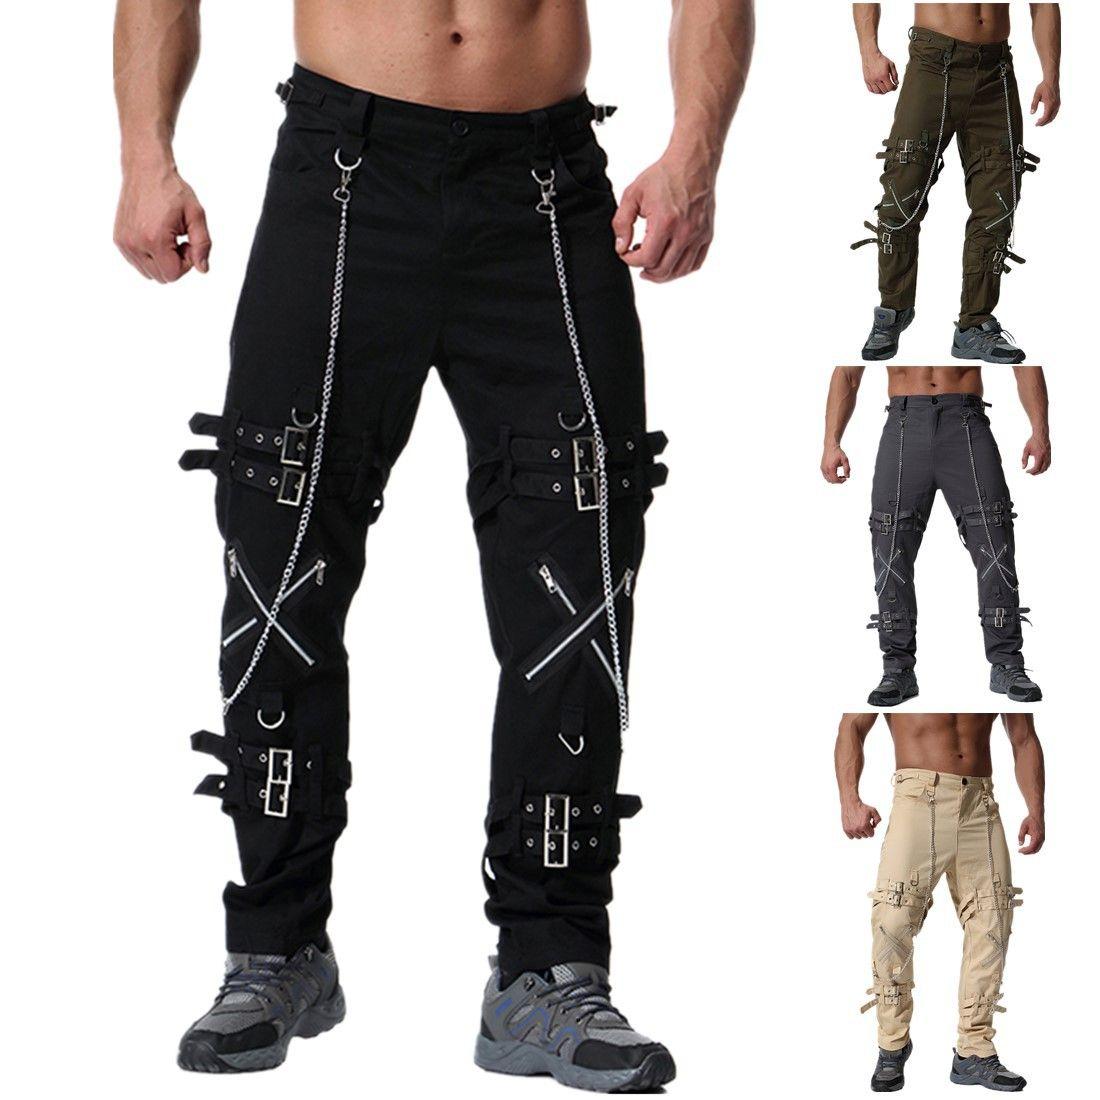 Новые дизайнерские мужские Брюки мужские Брюки Молодёжная Персонализированные Zipper Украшение Большой размер повседневные брюки 4 цвета свободный корабль